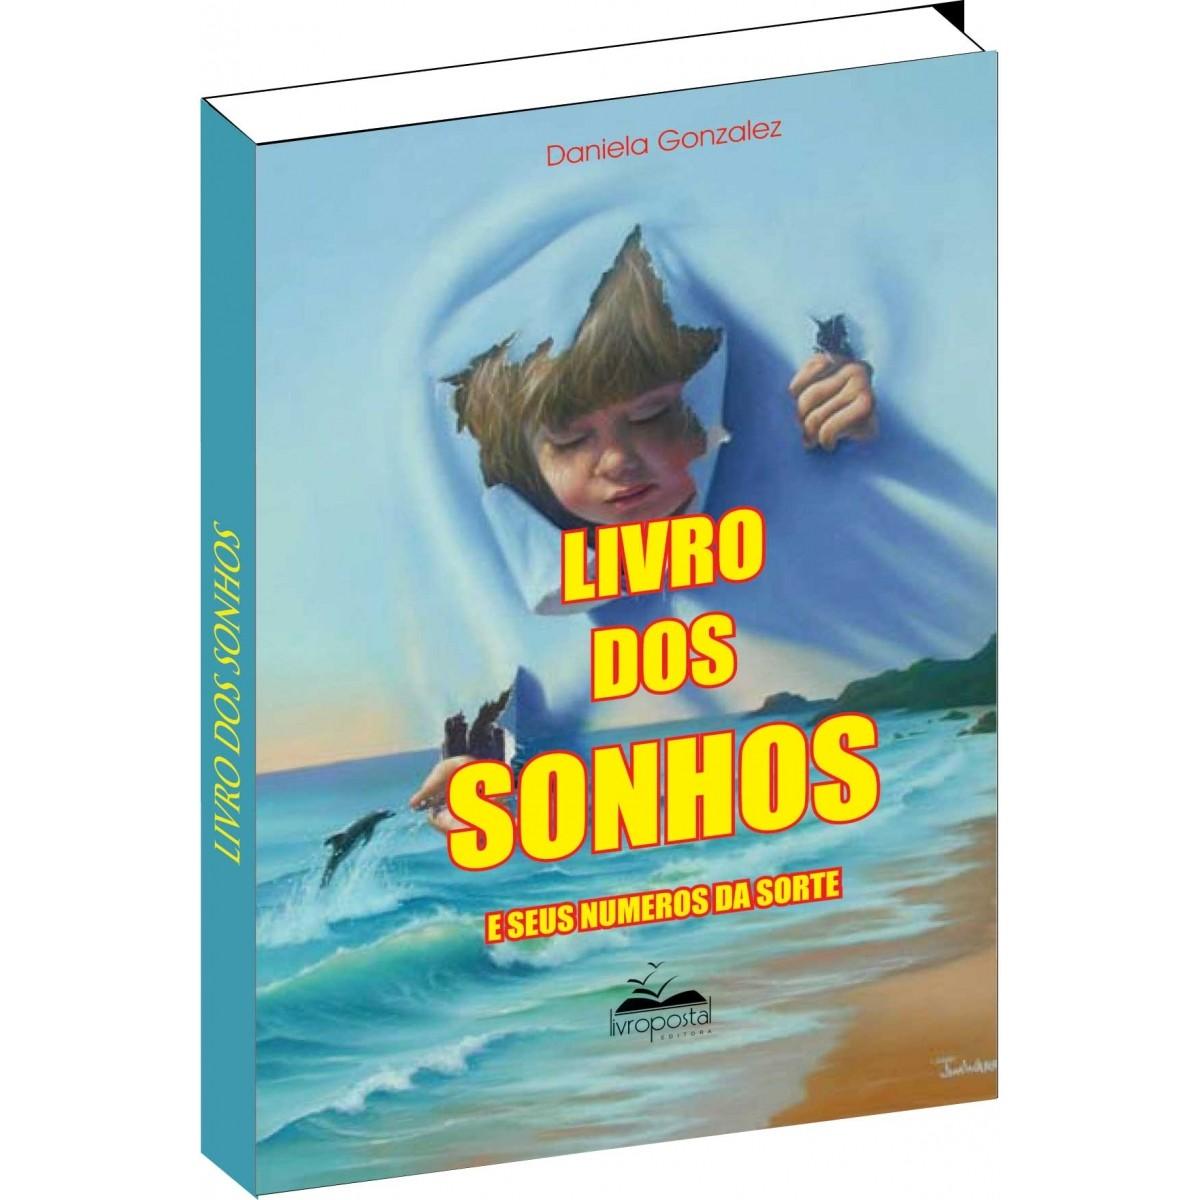 Ebook do Livro dos sonhos e seus números da sorte  - Livropostal Editora